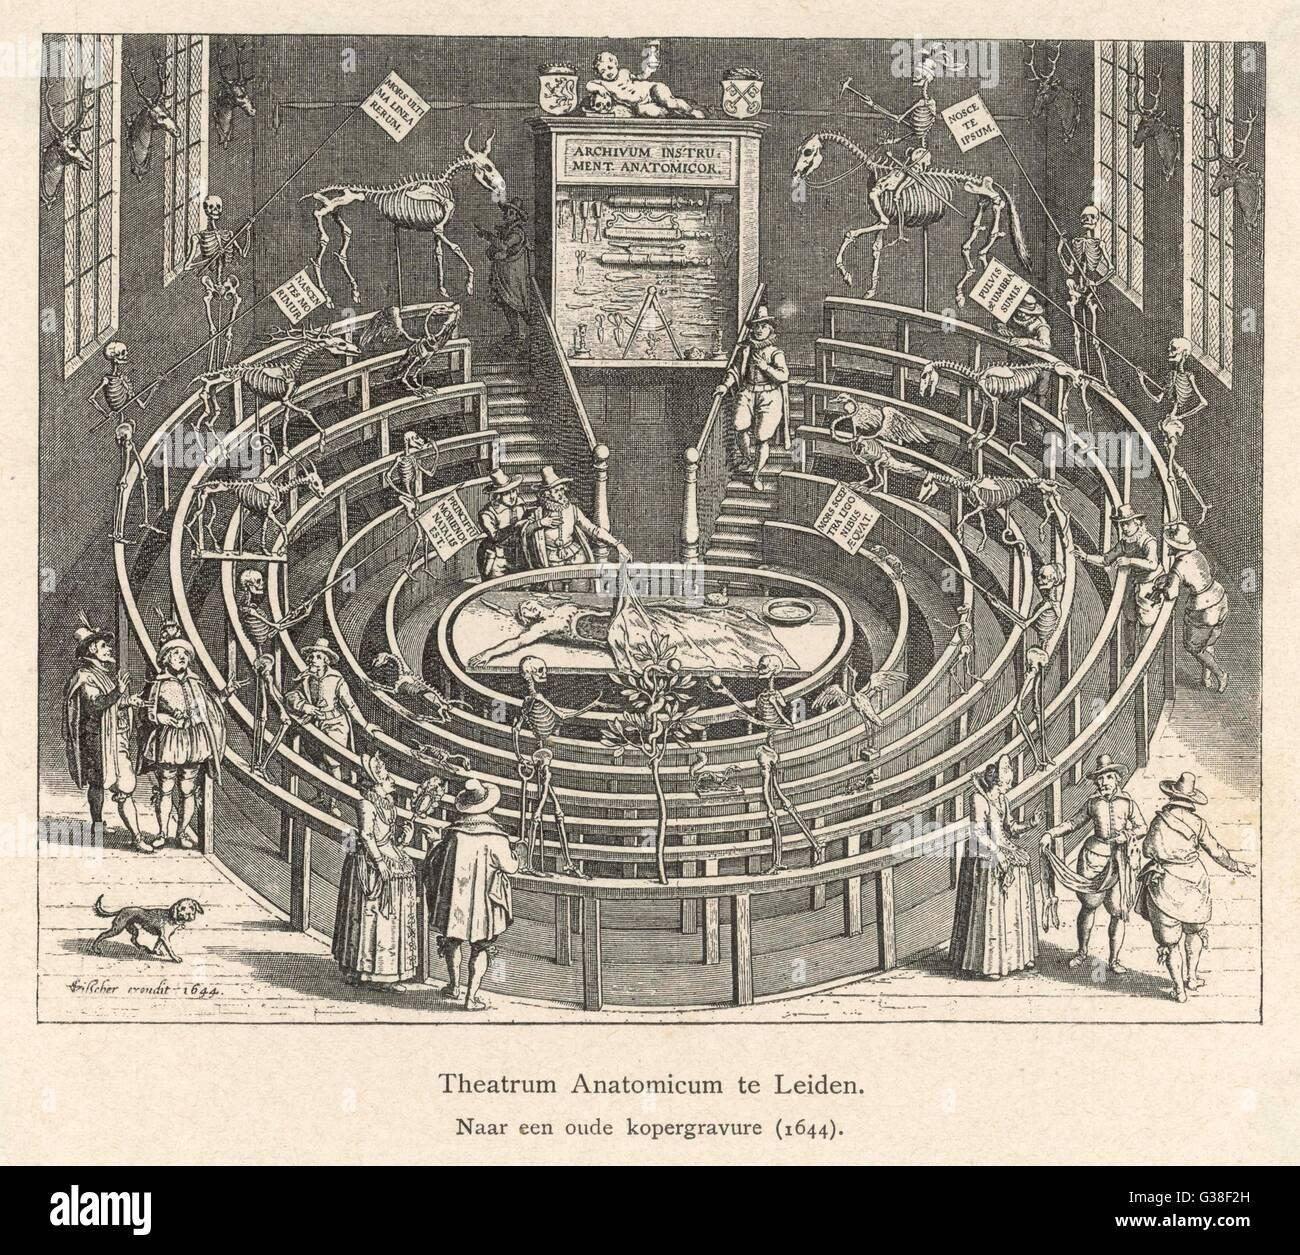 Anatomie-Theater in LEIDEN, Niederlande Datum: 1644 Stockfoto